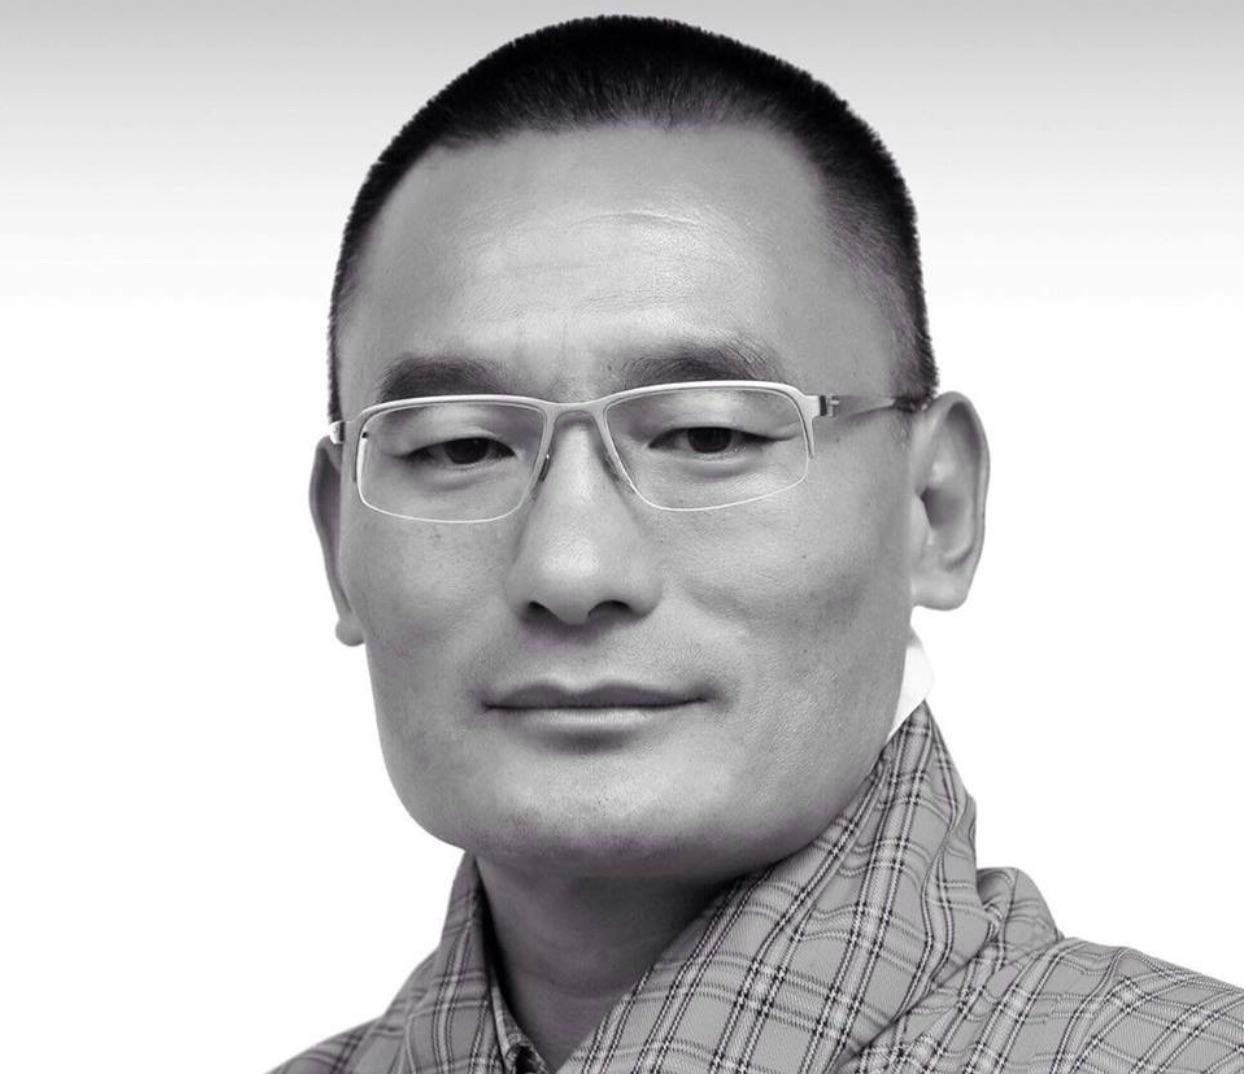 Le Premier ministre du Bhoutan refuse la rapatriation de réfugiés du Népal qu'il ne considère pas comme des ressortissants de son pays. Copie d'écran du Kathmandu Post, le 22 septembre 2016.